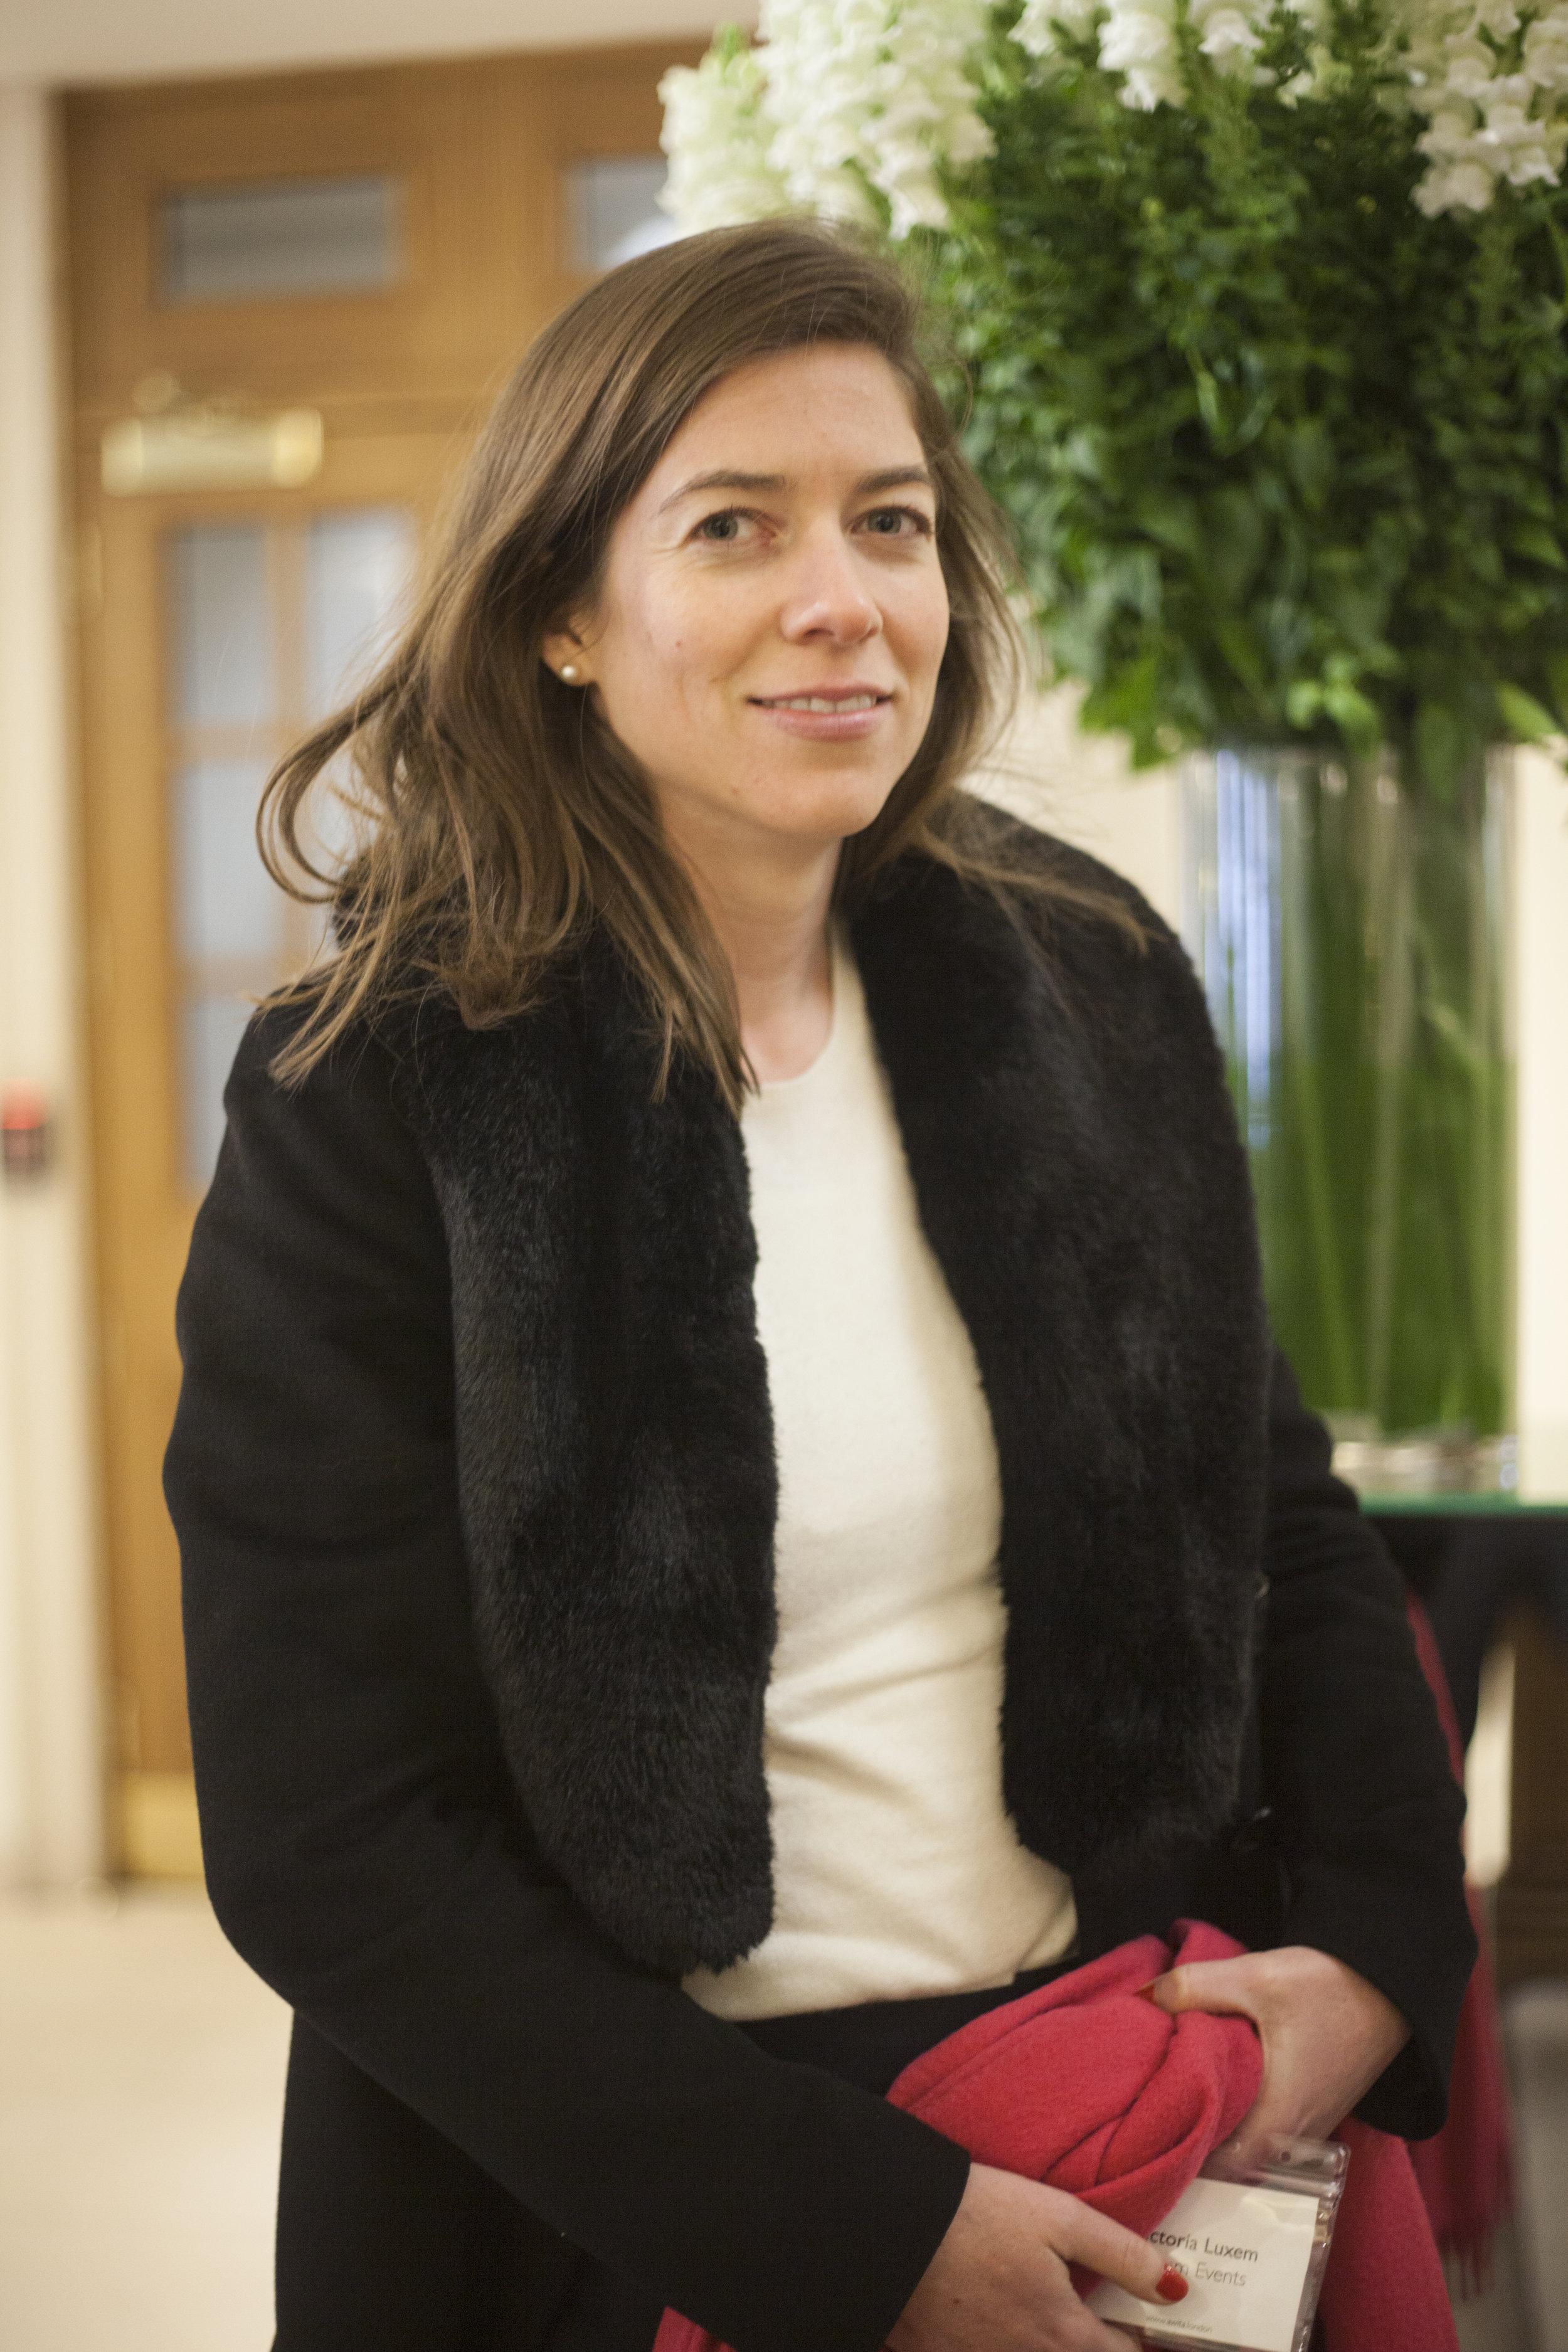 Victoria Luxem